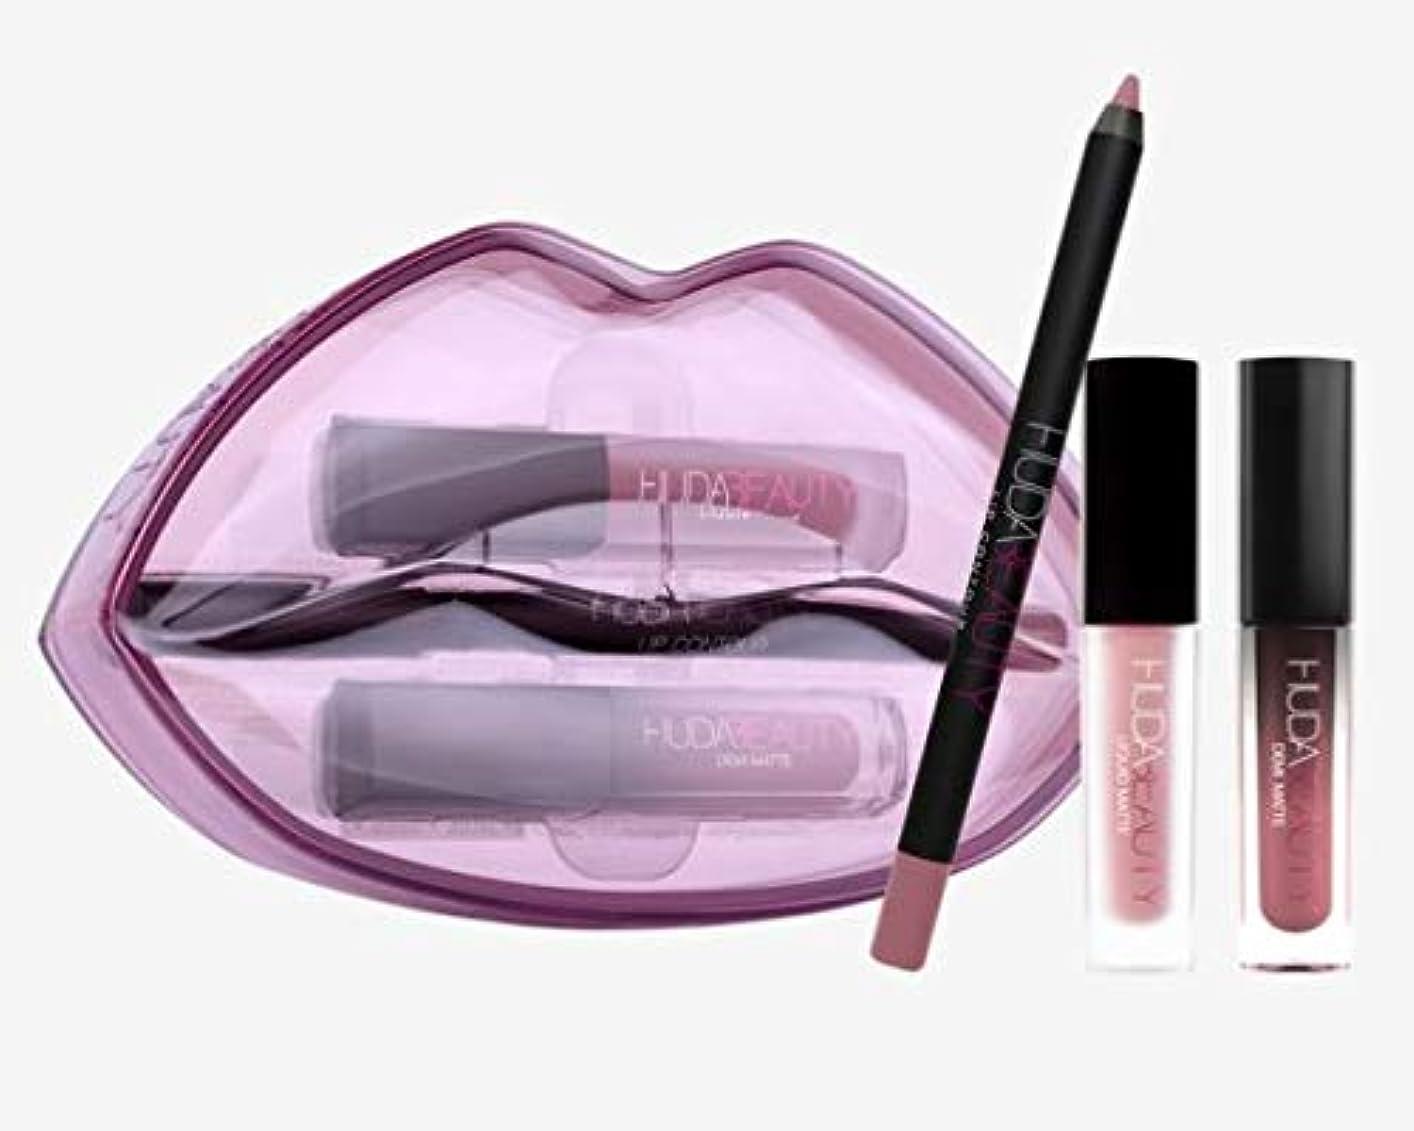 先入観愛する構成員Hudabeauty Matte & Cream Lip Set Provocateur & Muse リップセット マットリップ